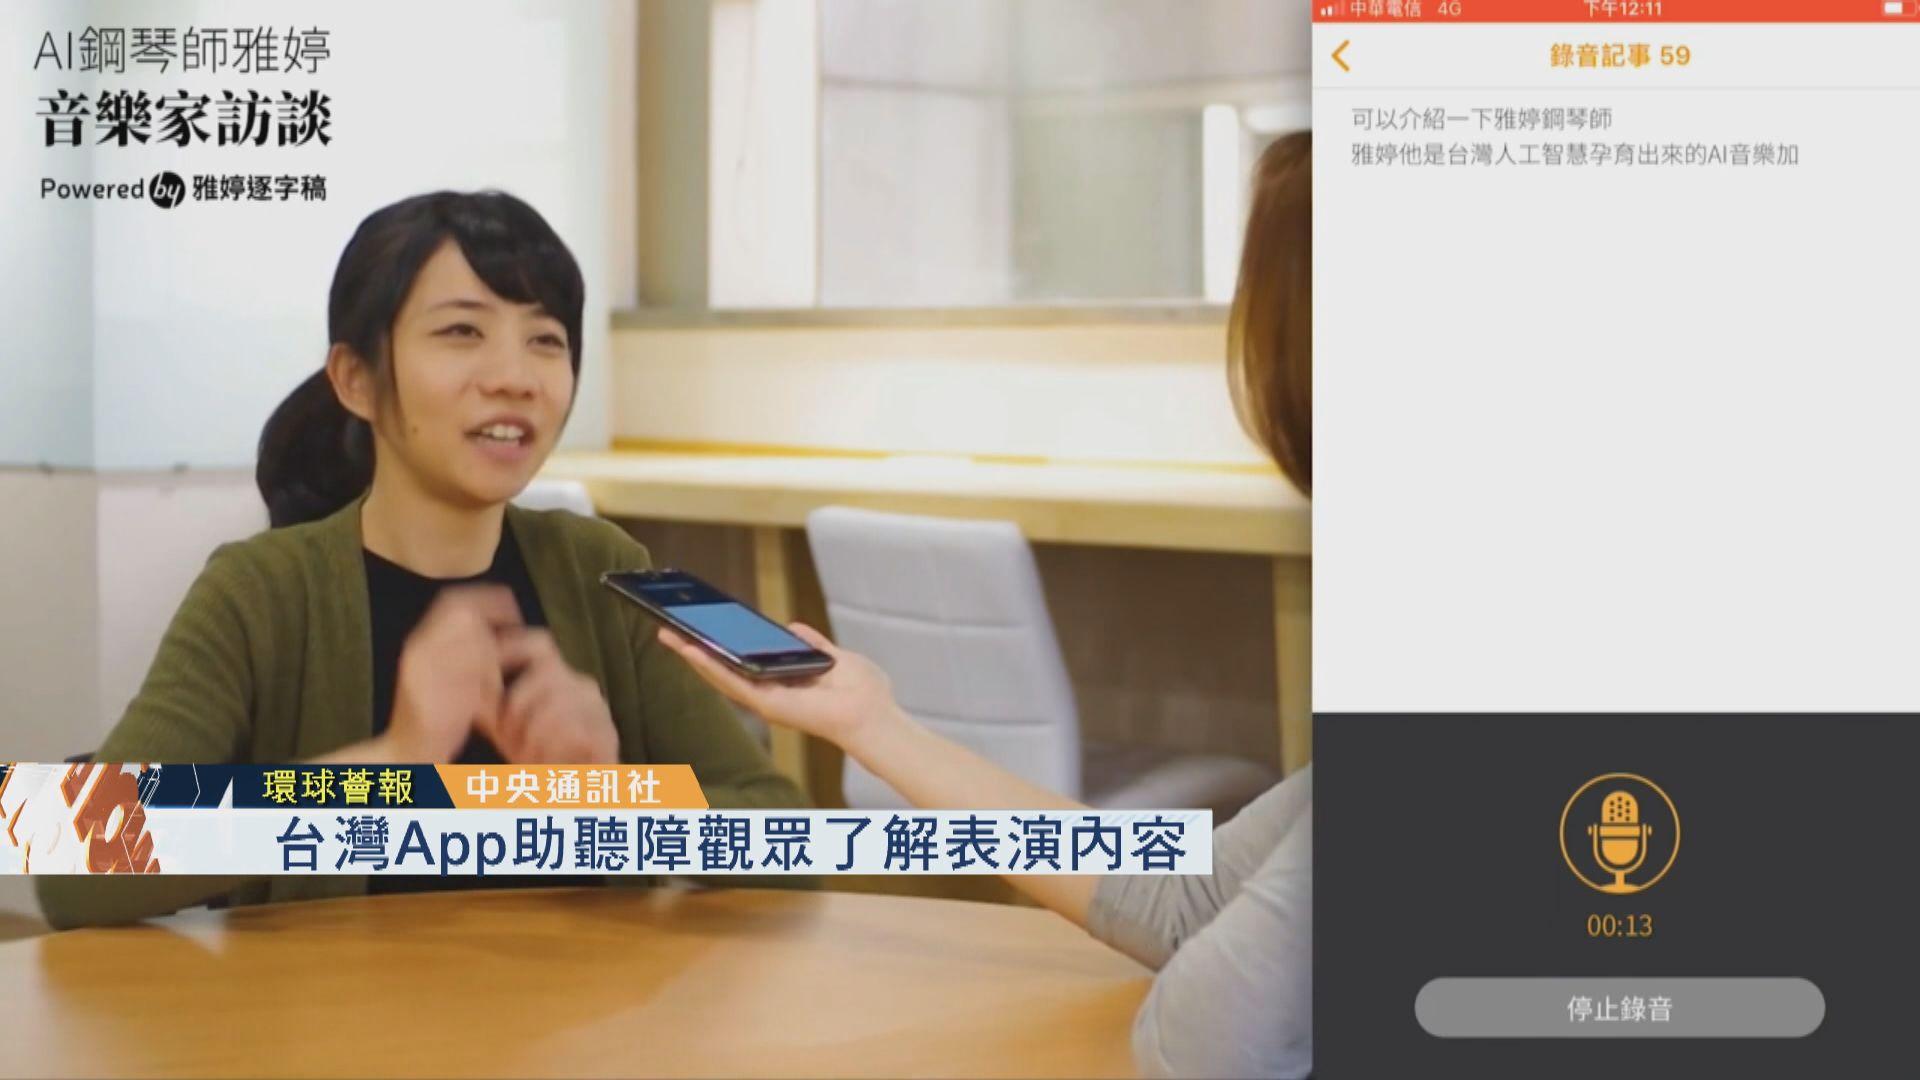 【環球薈報】台灣App助聽障觀眾了解表演內容